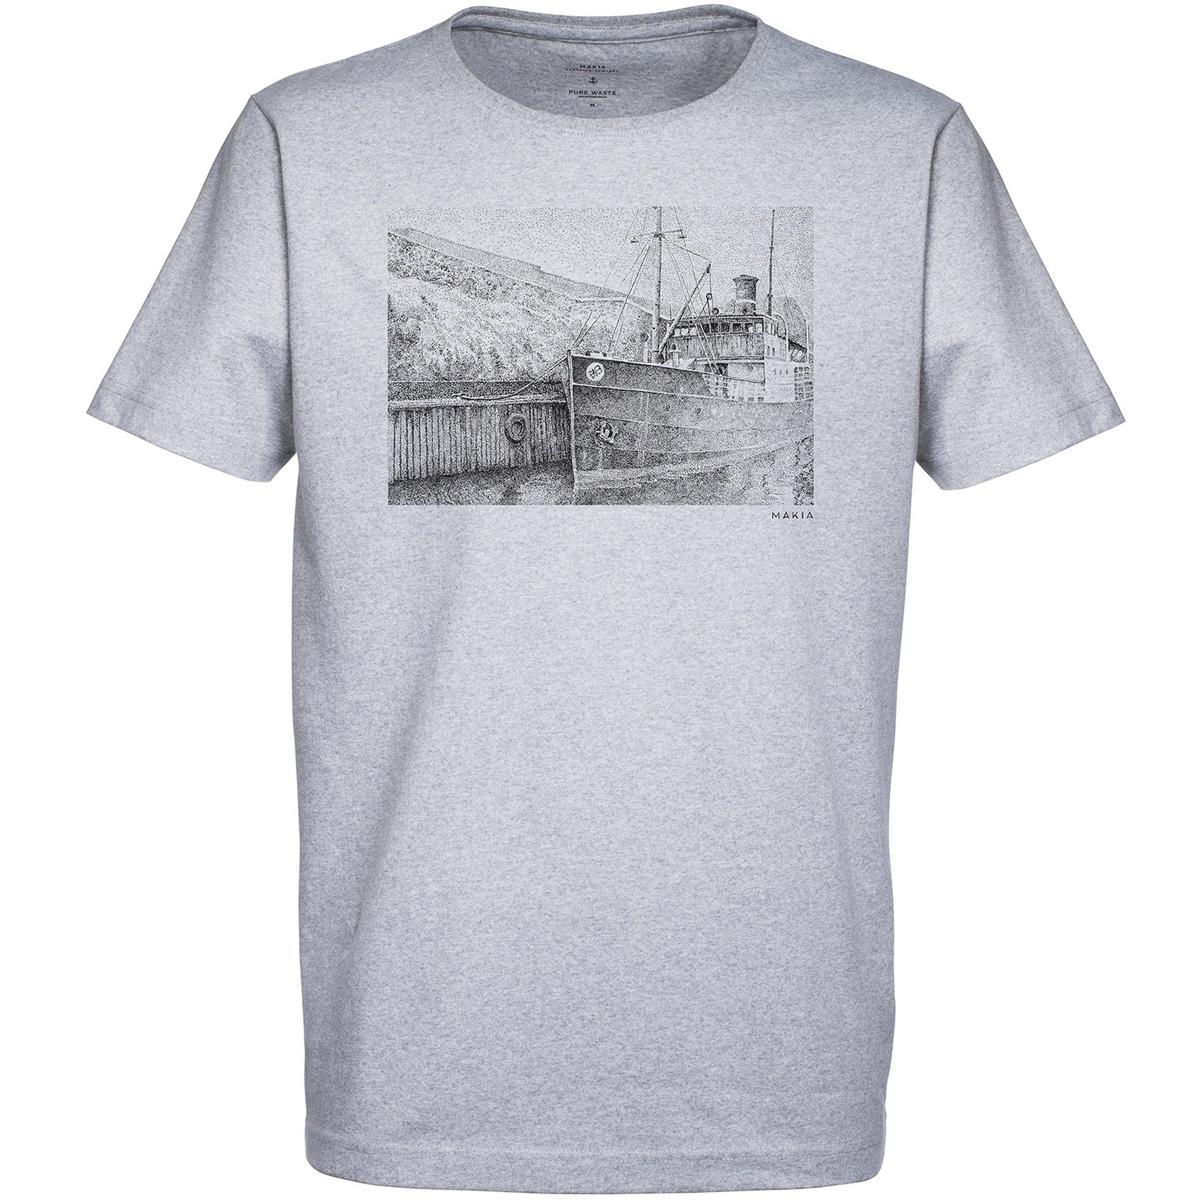 New SHIP T-SHIRTФутболки и Поло<br>Стильная и практичная футболка, на 100% изготовленная из переработанных материалов, с оригинальным нагрудным принтом от художника Danny Larsen. За счёт лаконичного дизайна эта модель будет всегда гармонично сочетаться с любой одеждой.  <br> <br> <br> Особенности: <br><br>Мужская футболка <br><br>Короткий рукав <br><br>Круглый вырез <br><br>Плотность материала 185 г/м? <br><br>Крупный принт на груди от художника Danny Larsen <br><br>Состав: 70% переработанный хлопок, 30% переработанный полиэстер.<br><br>Сезон: SS17<br>Артикул: 68851<br>Цвет: GREY<br>Пол: МУЖ<br>Пол: Мужcкое<br>Размер: M<br>Тип вещи: ФУТБОЛКА